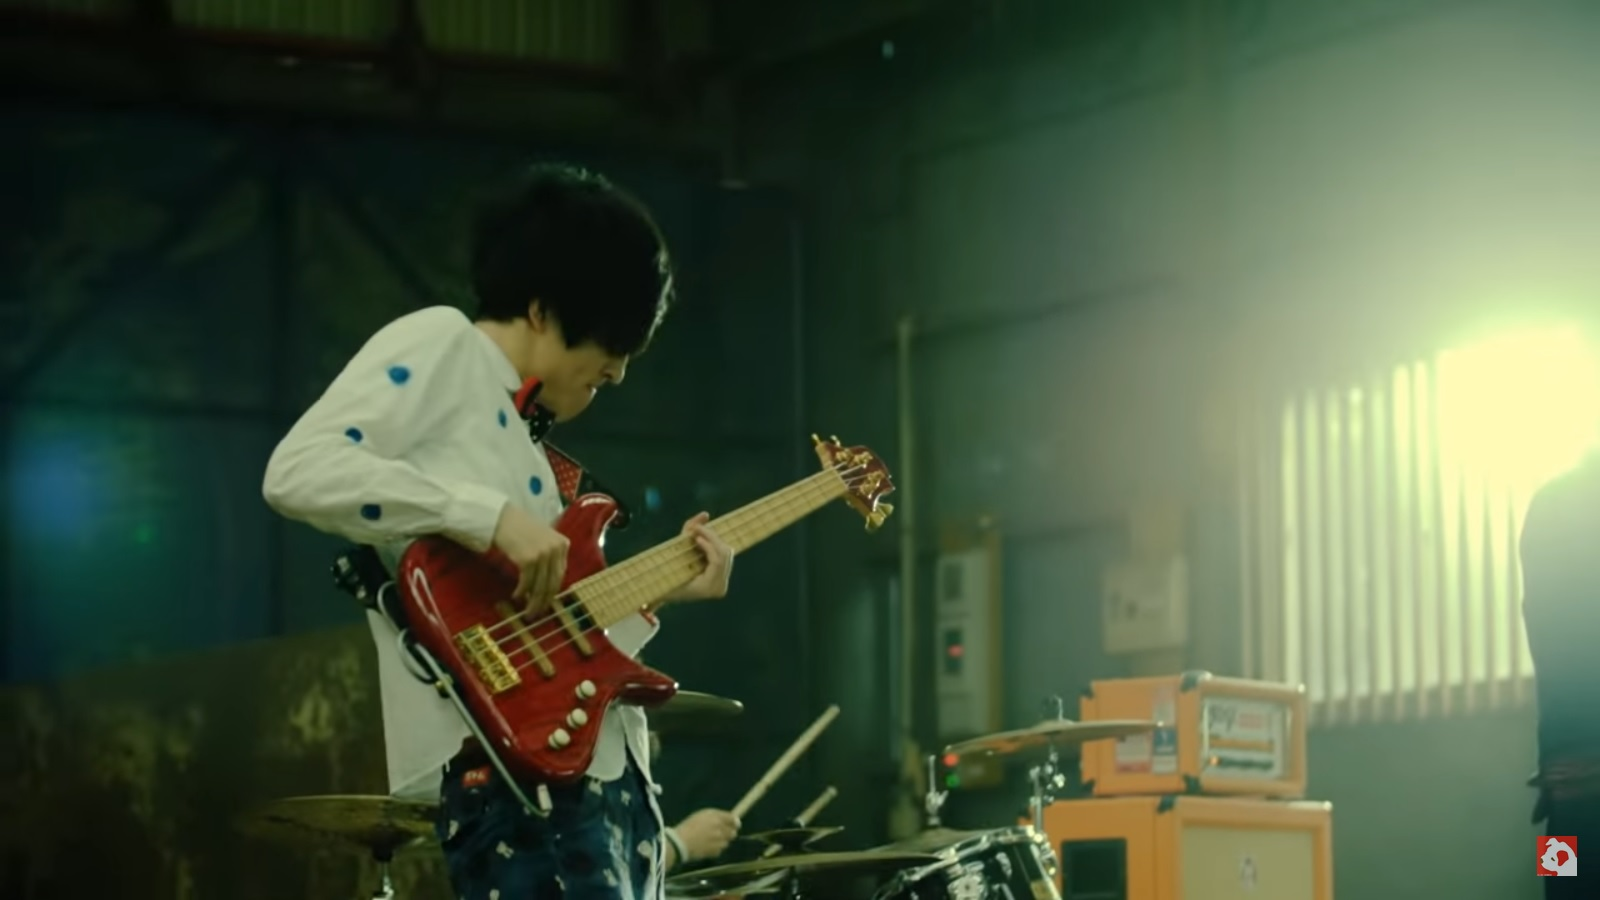 【Ba.おかっち】「ライジングさん」MV着用FRABOISシャツ